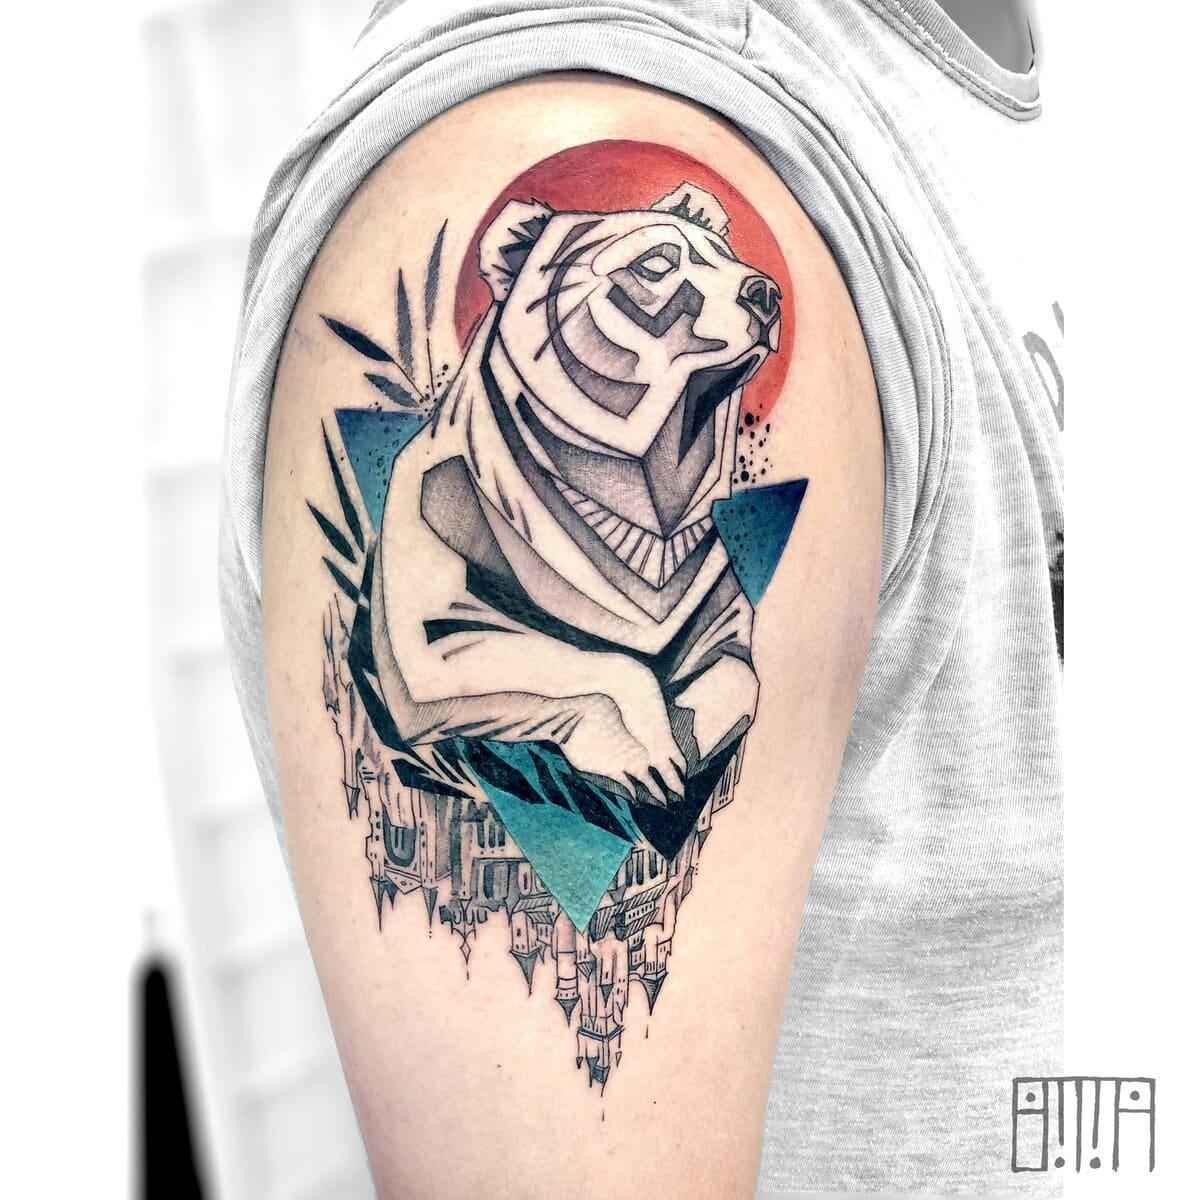 emma-larkin-tattoo-artist-bear-castle